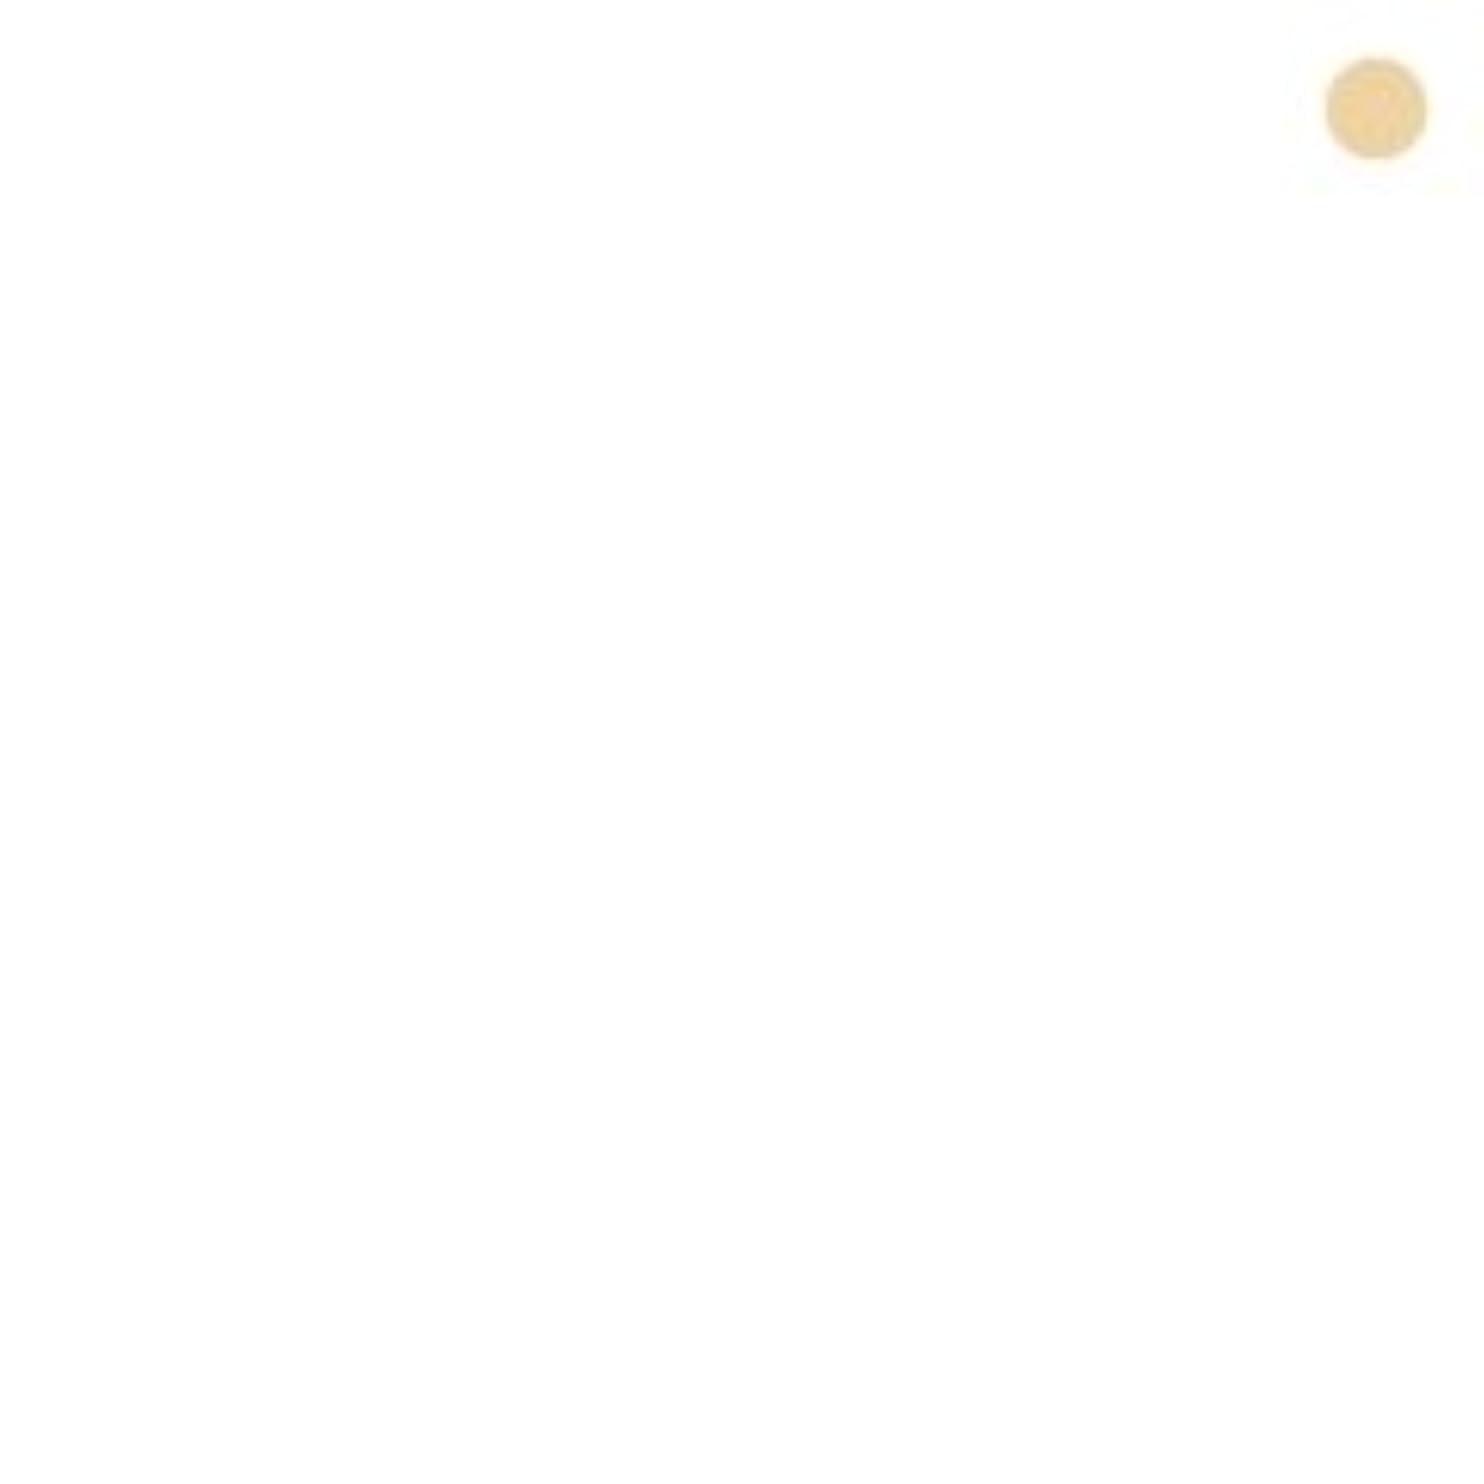 パッドアーサーコナンドイルエクスタシー【カバーマーク】ジャスミーカラー パウダリーファンデーション #YP10 (レフィル)